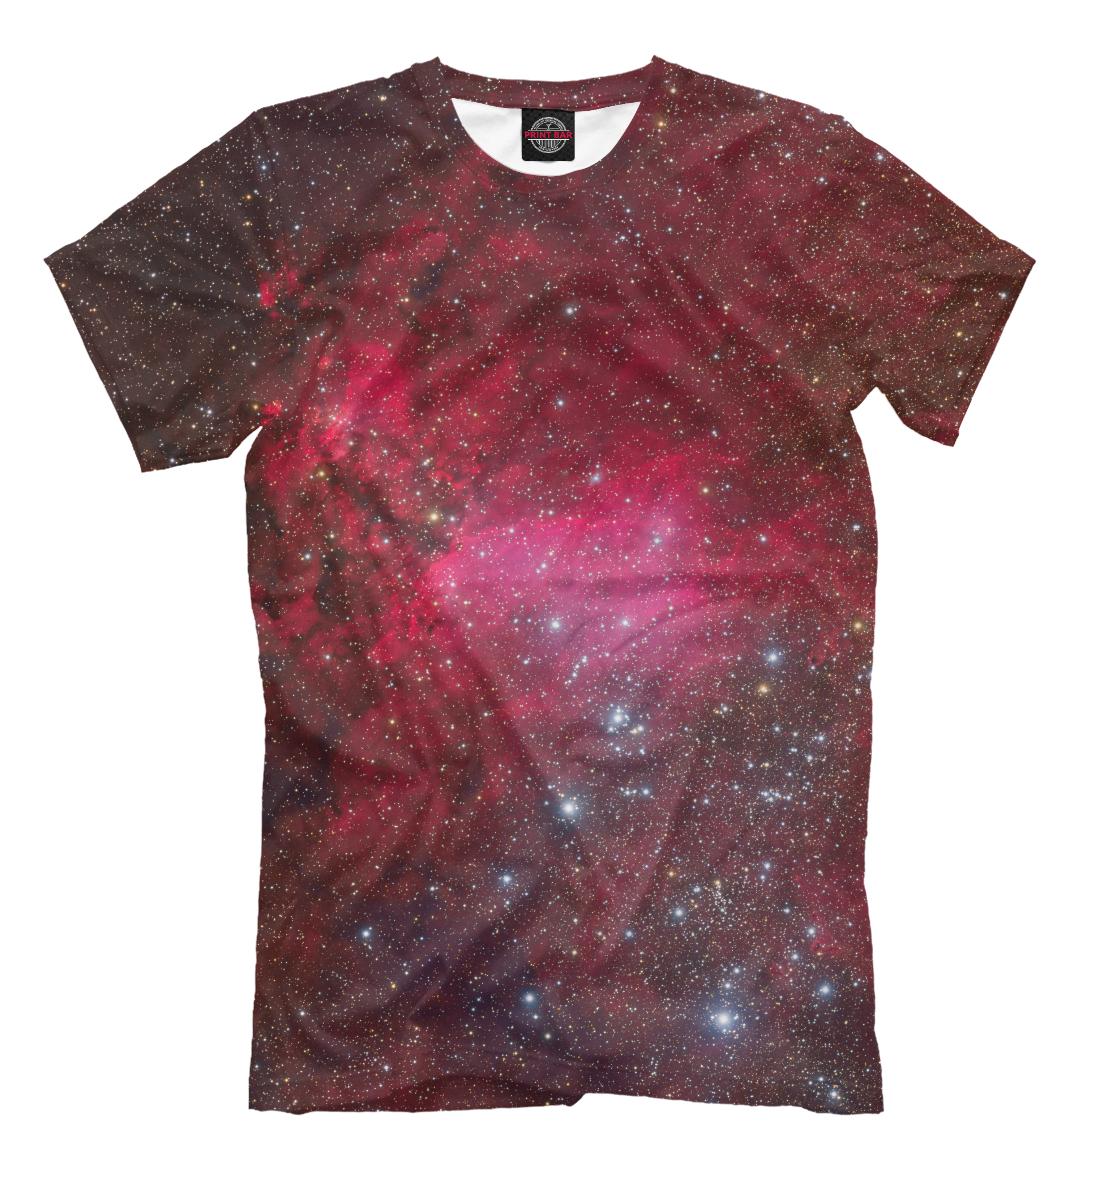 Купить Вселенная, Printbar, Футболки, ESO-115175-fut-2